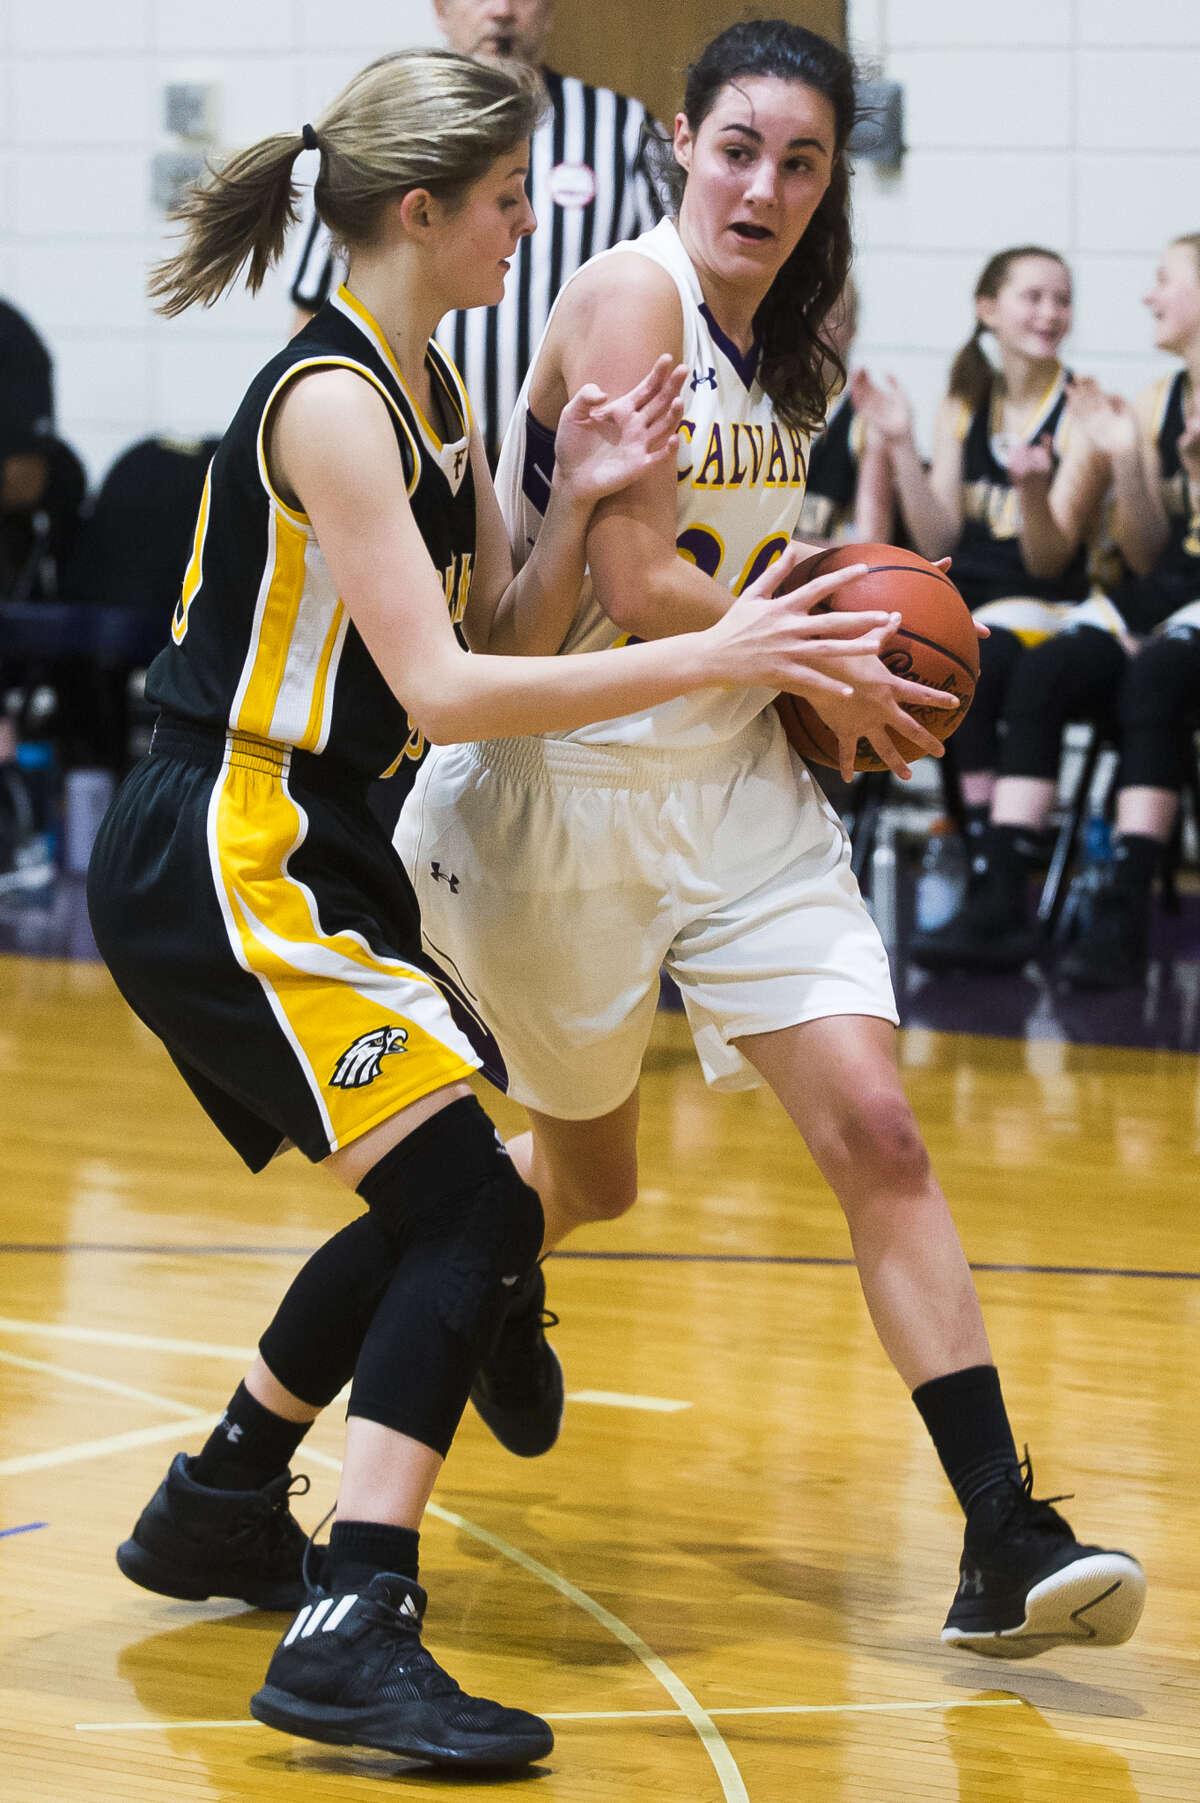 CBA's Cassady Holdeman makes a move toward the basket during a game against Faith Baptist of Davison earlier this season.